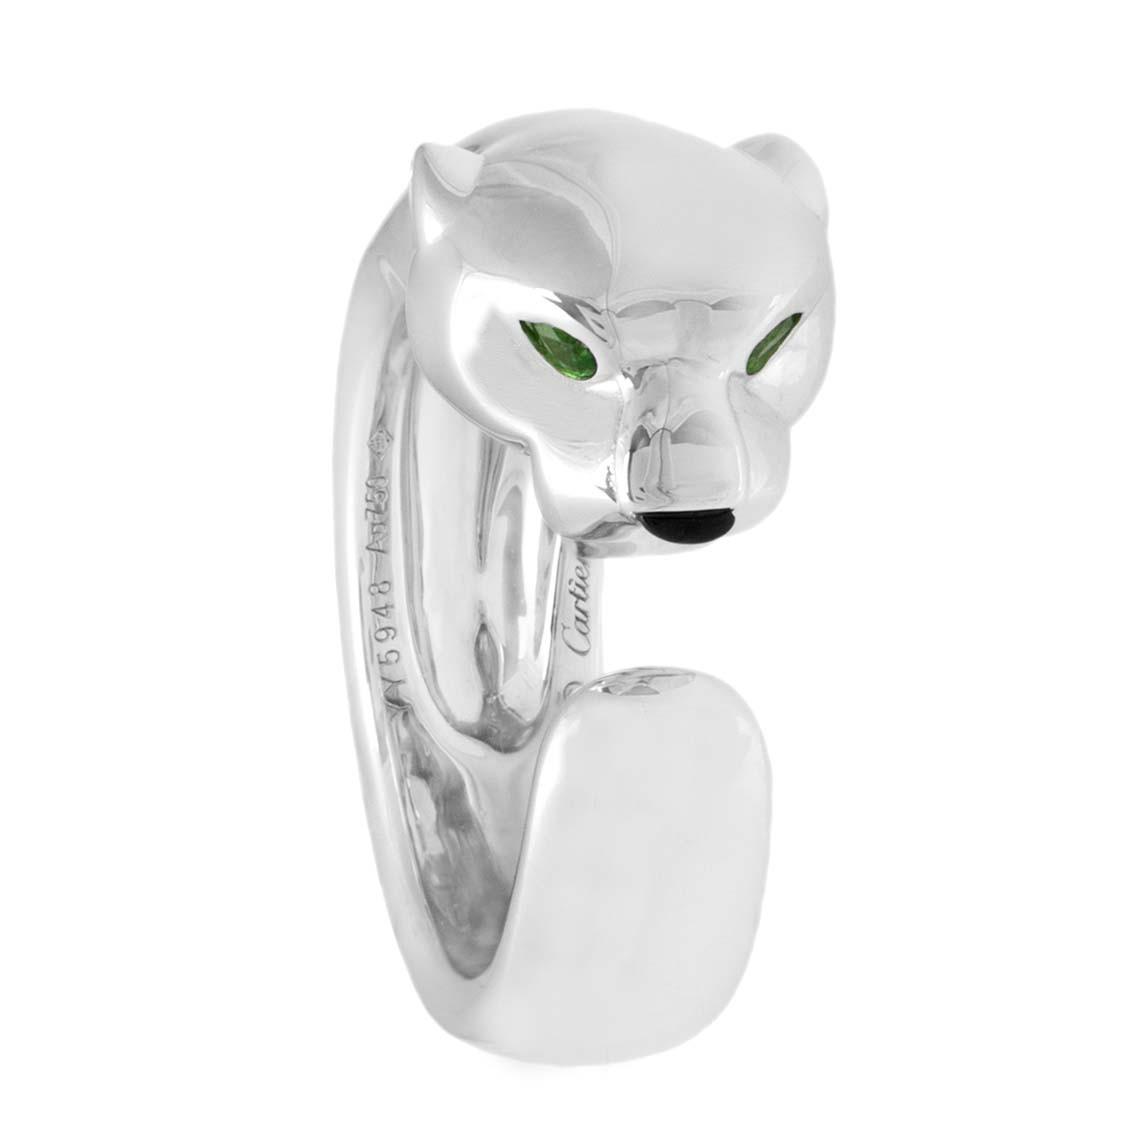 9a1fbbc84fad7 Cartier Panthere de Cartier 18K White Gold, Tsavorite Garnets & Onyx Ring